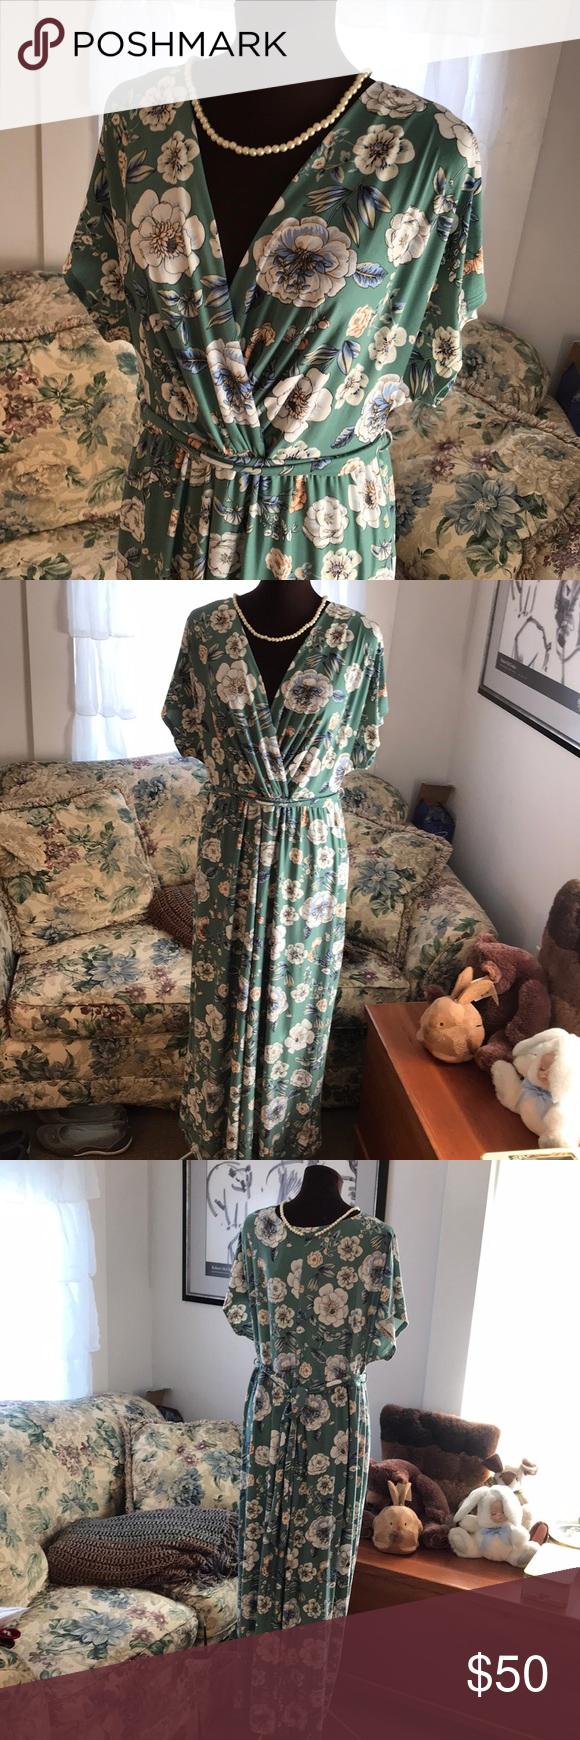 63a25551662 Gilli Macy Knit Maxi Dress Gilli Macy Knit Maxi Dress